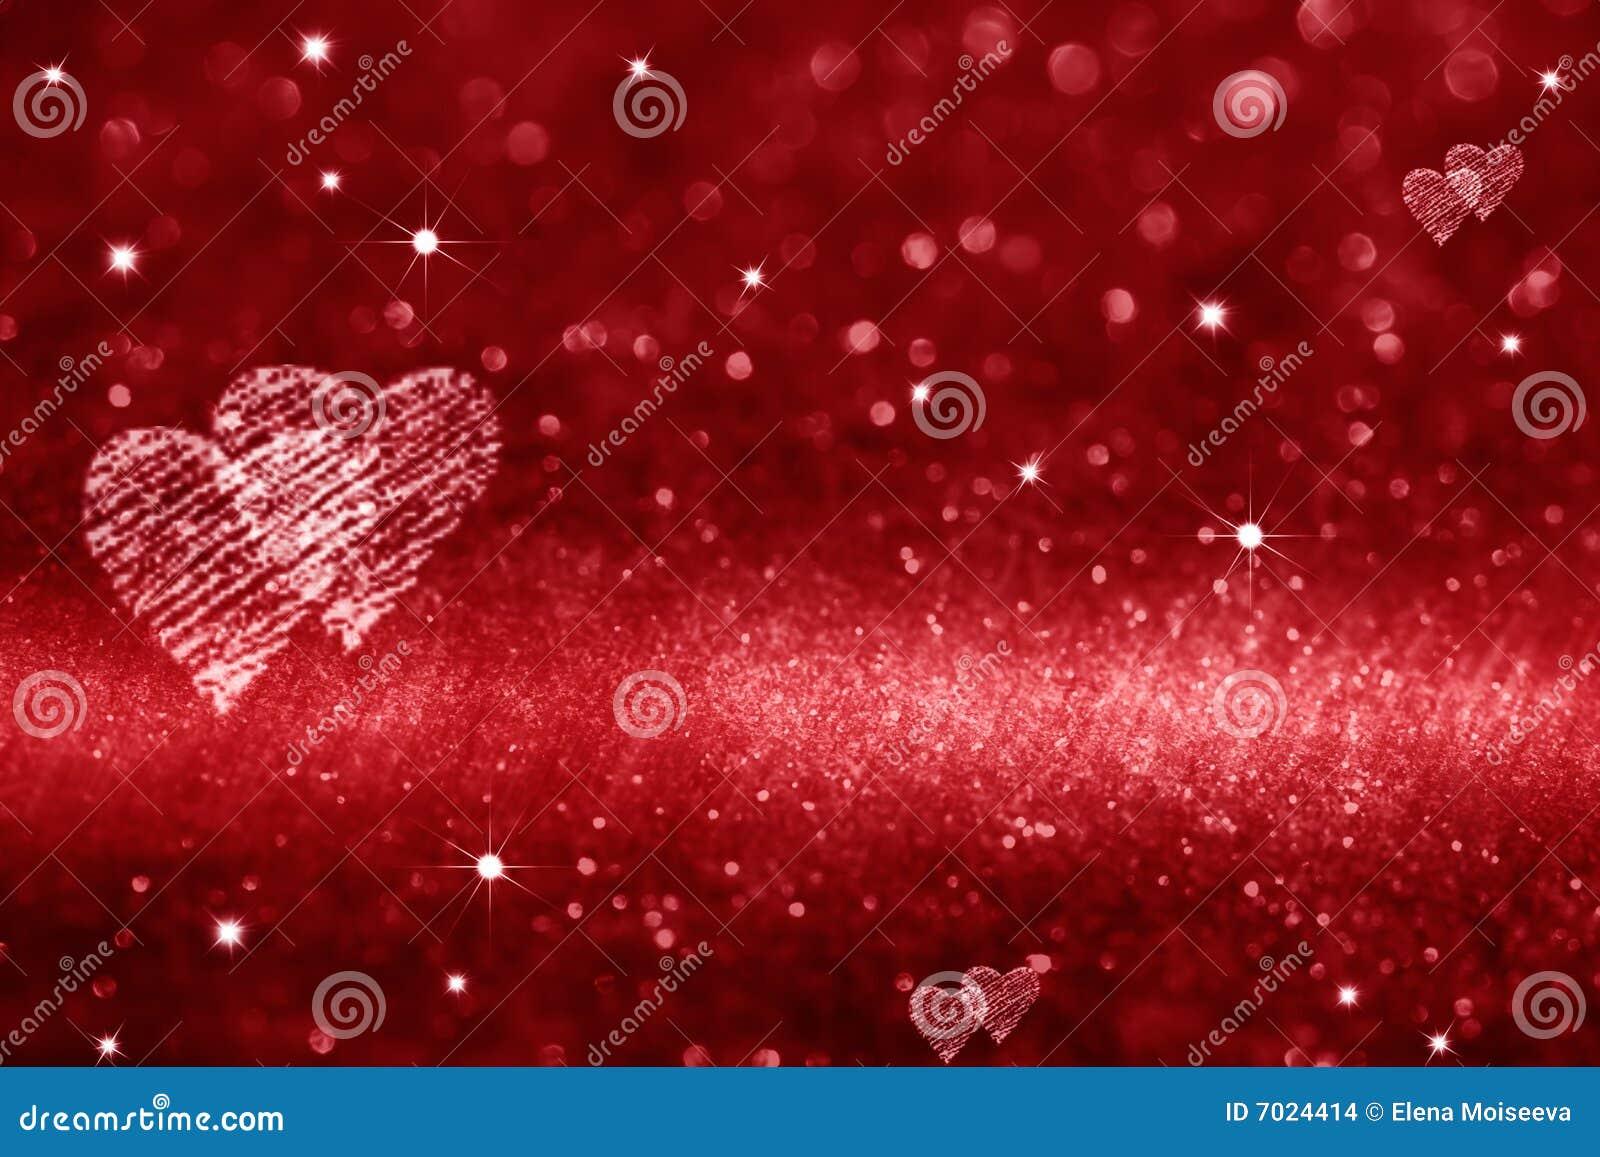 Roter Innerplatz für Liebe